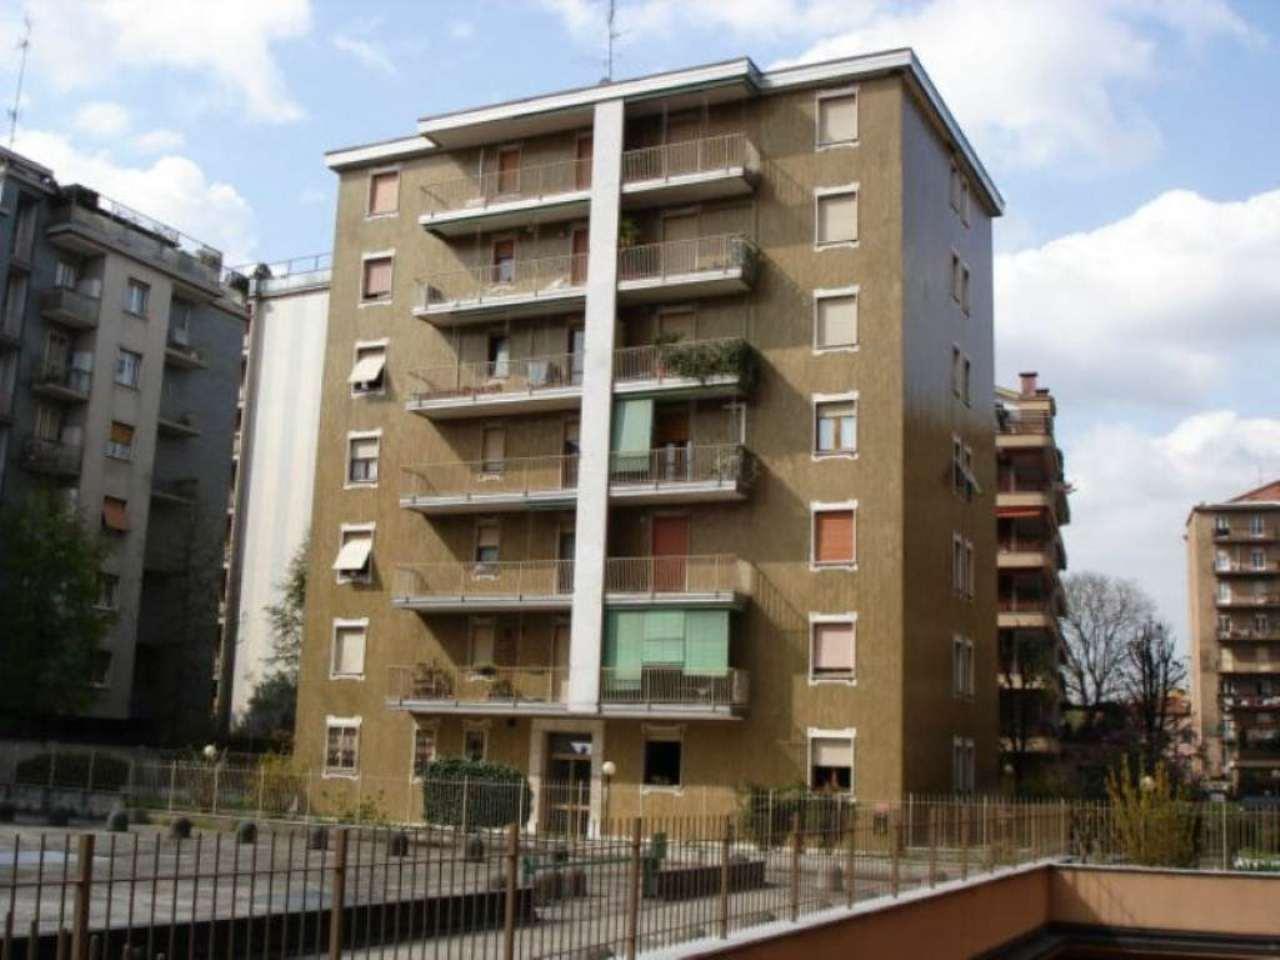 Appartamento in vendita a Bresso, 3 locali, prezzo € 180.000 | CambioCasa.it